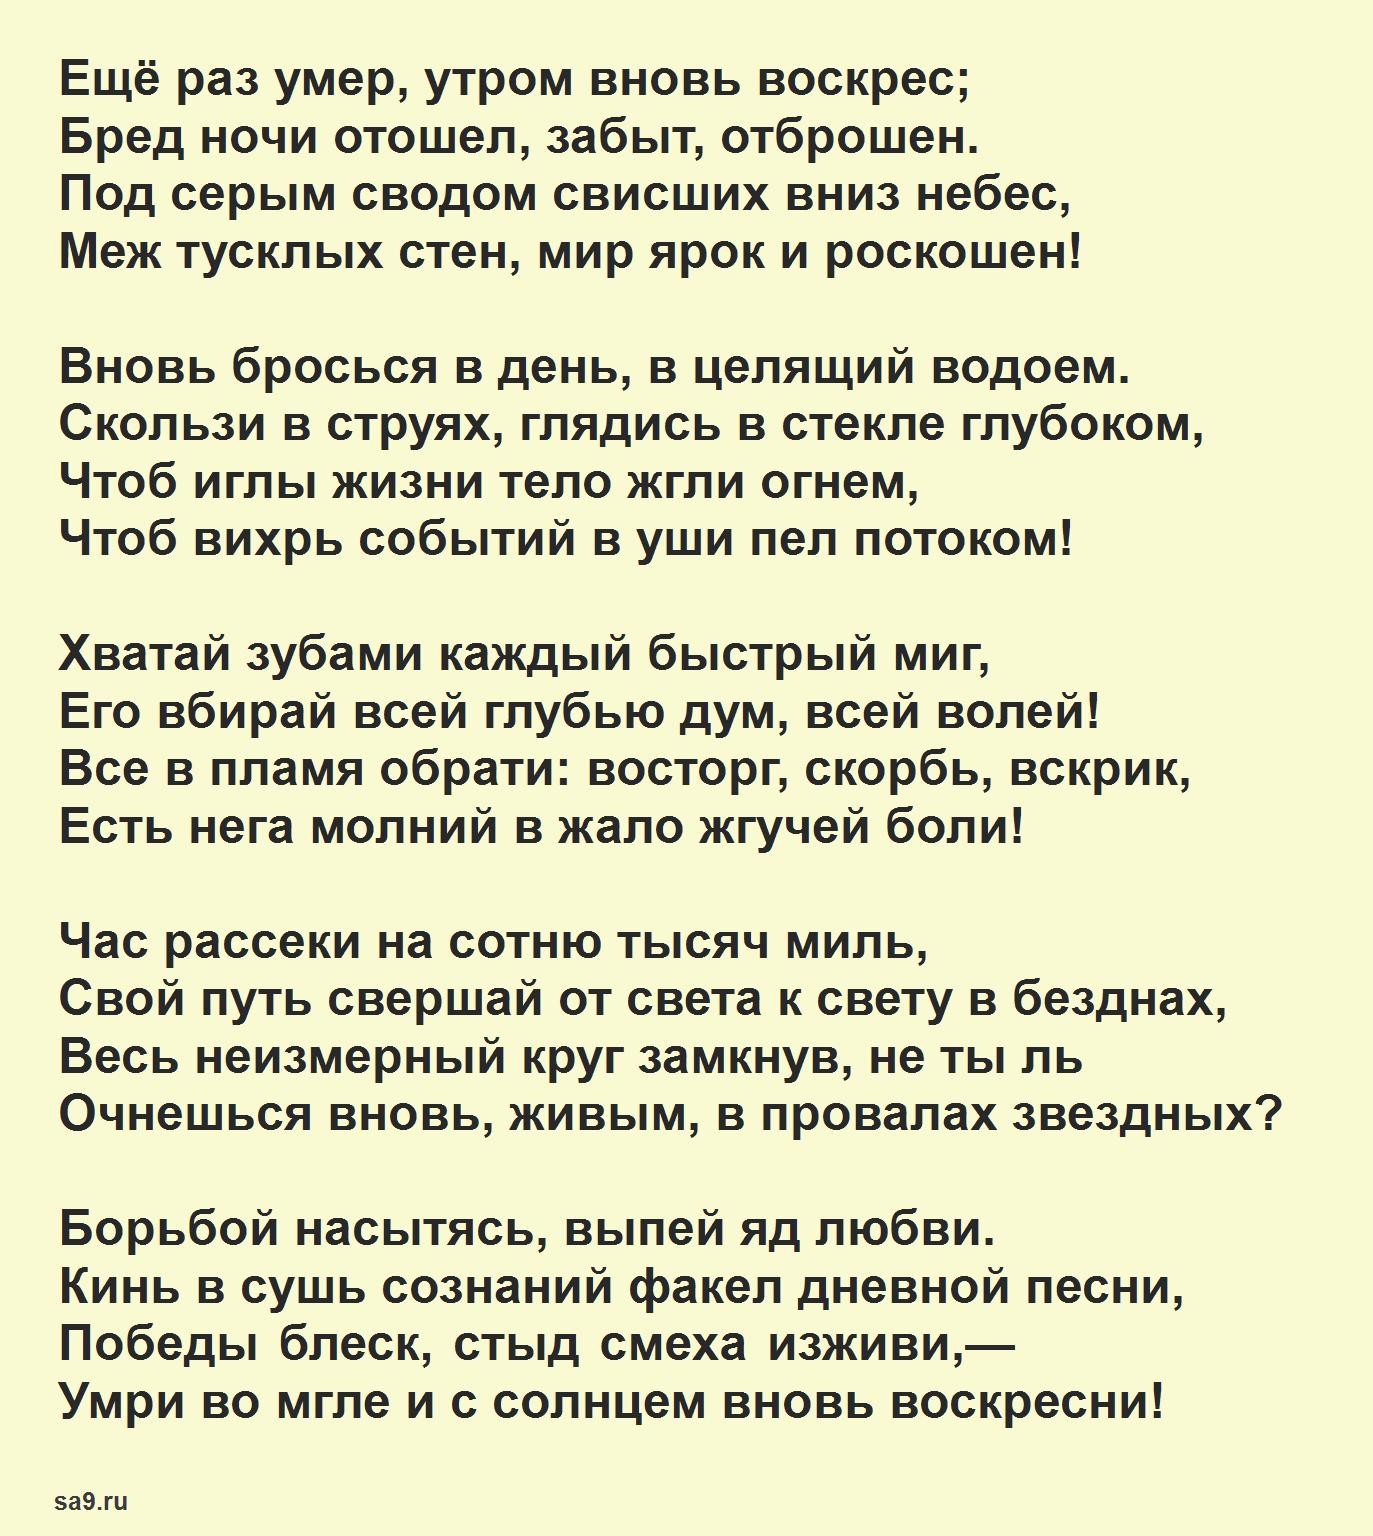 Читать короткие стихи Брюсова - День